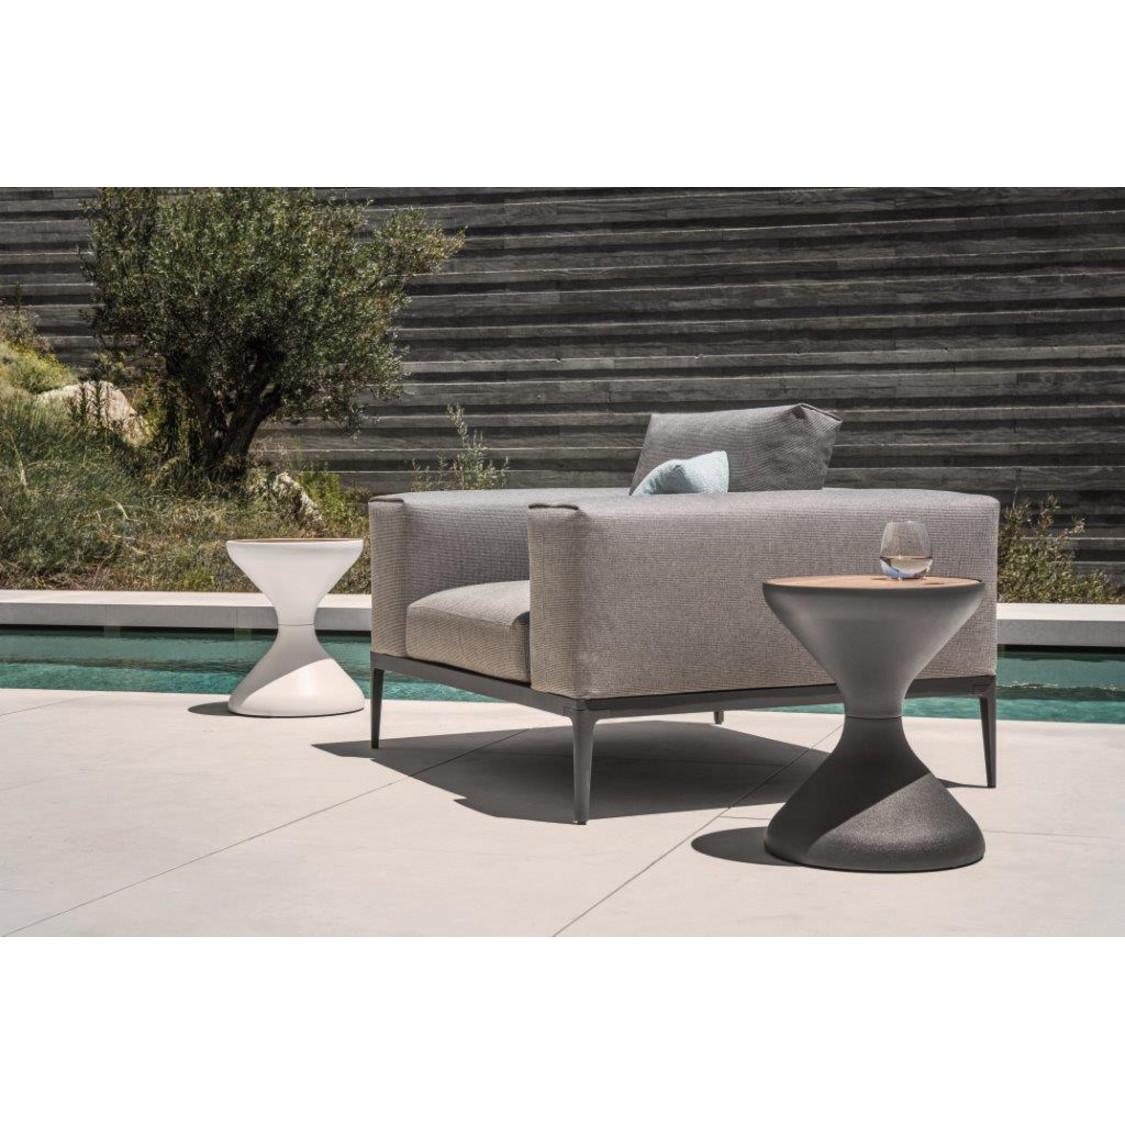 Garten Lounge Sessel Grid Gloster Hauptstadtmoebelde